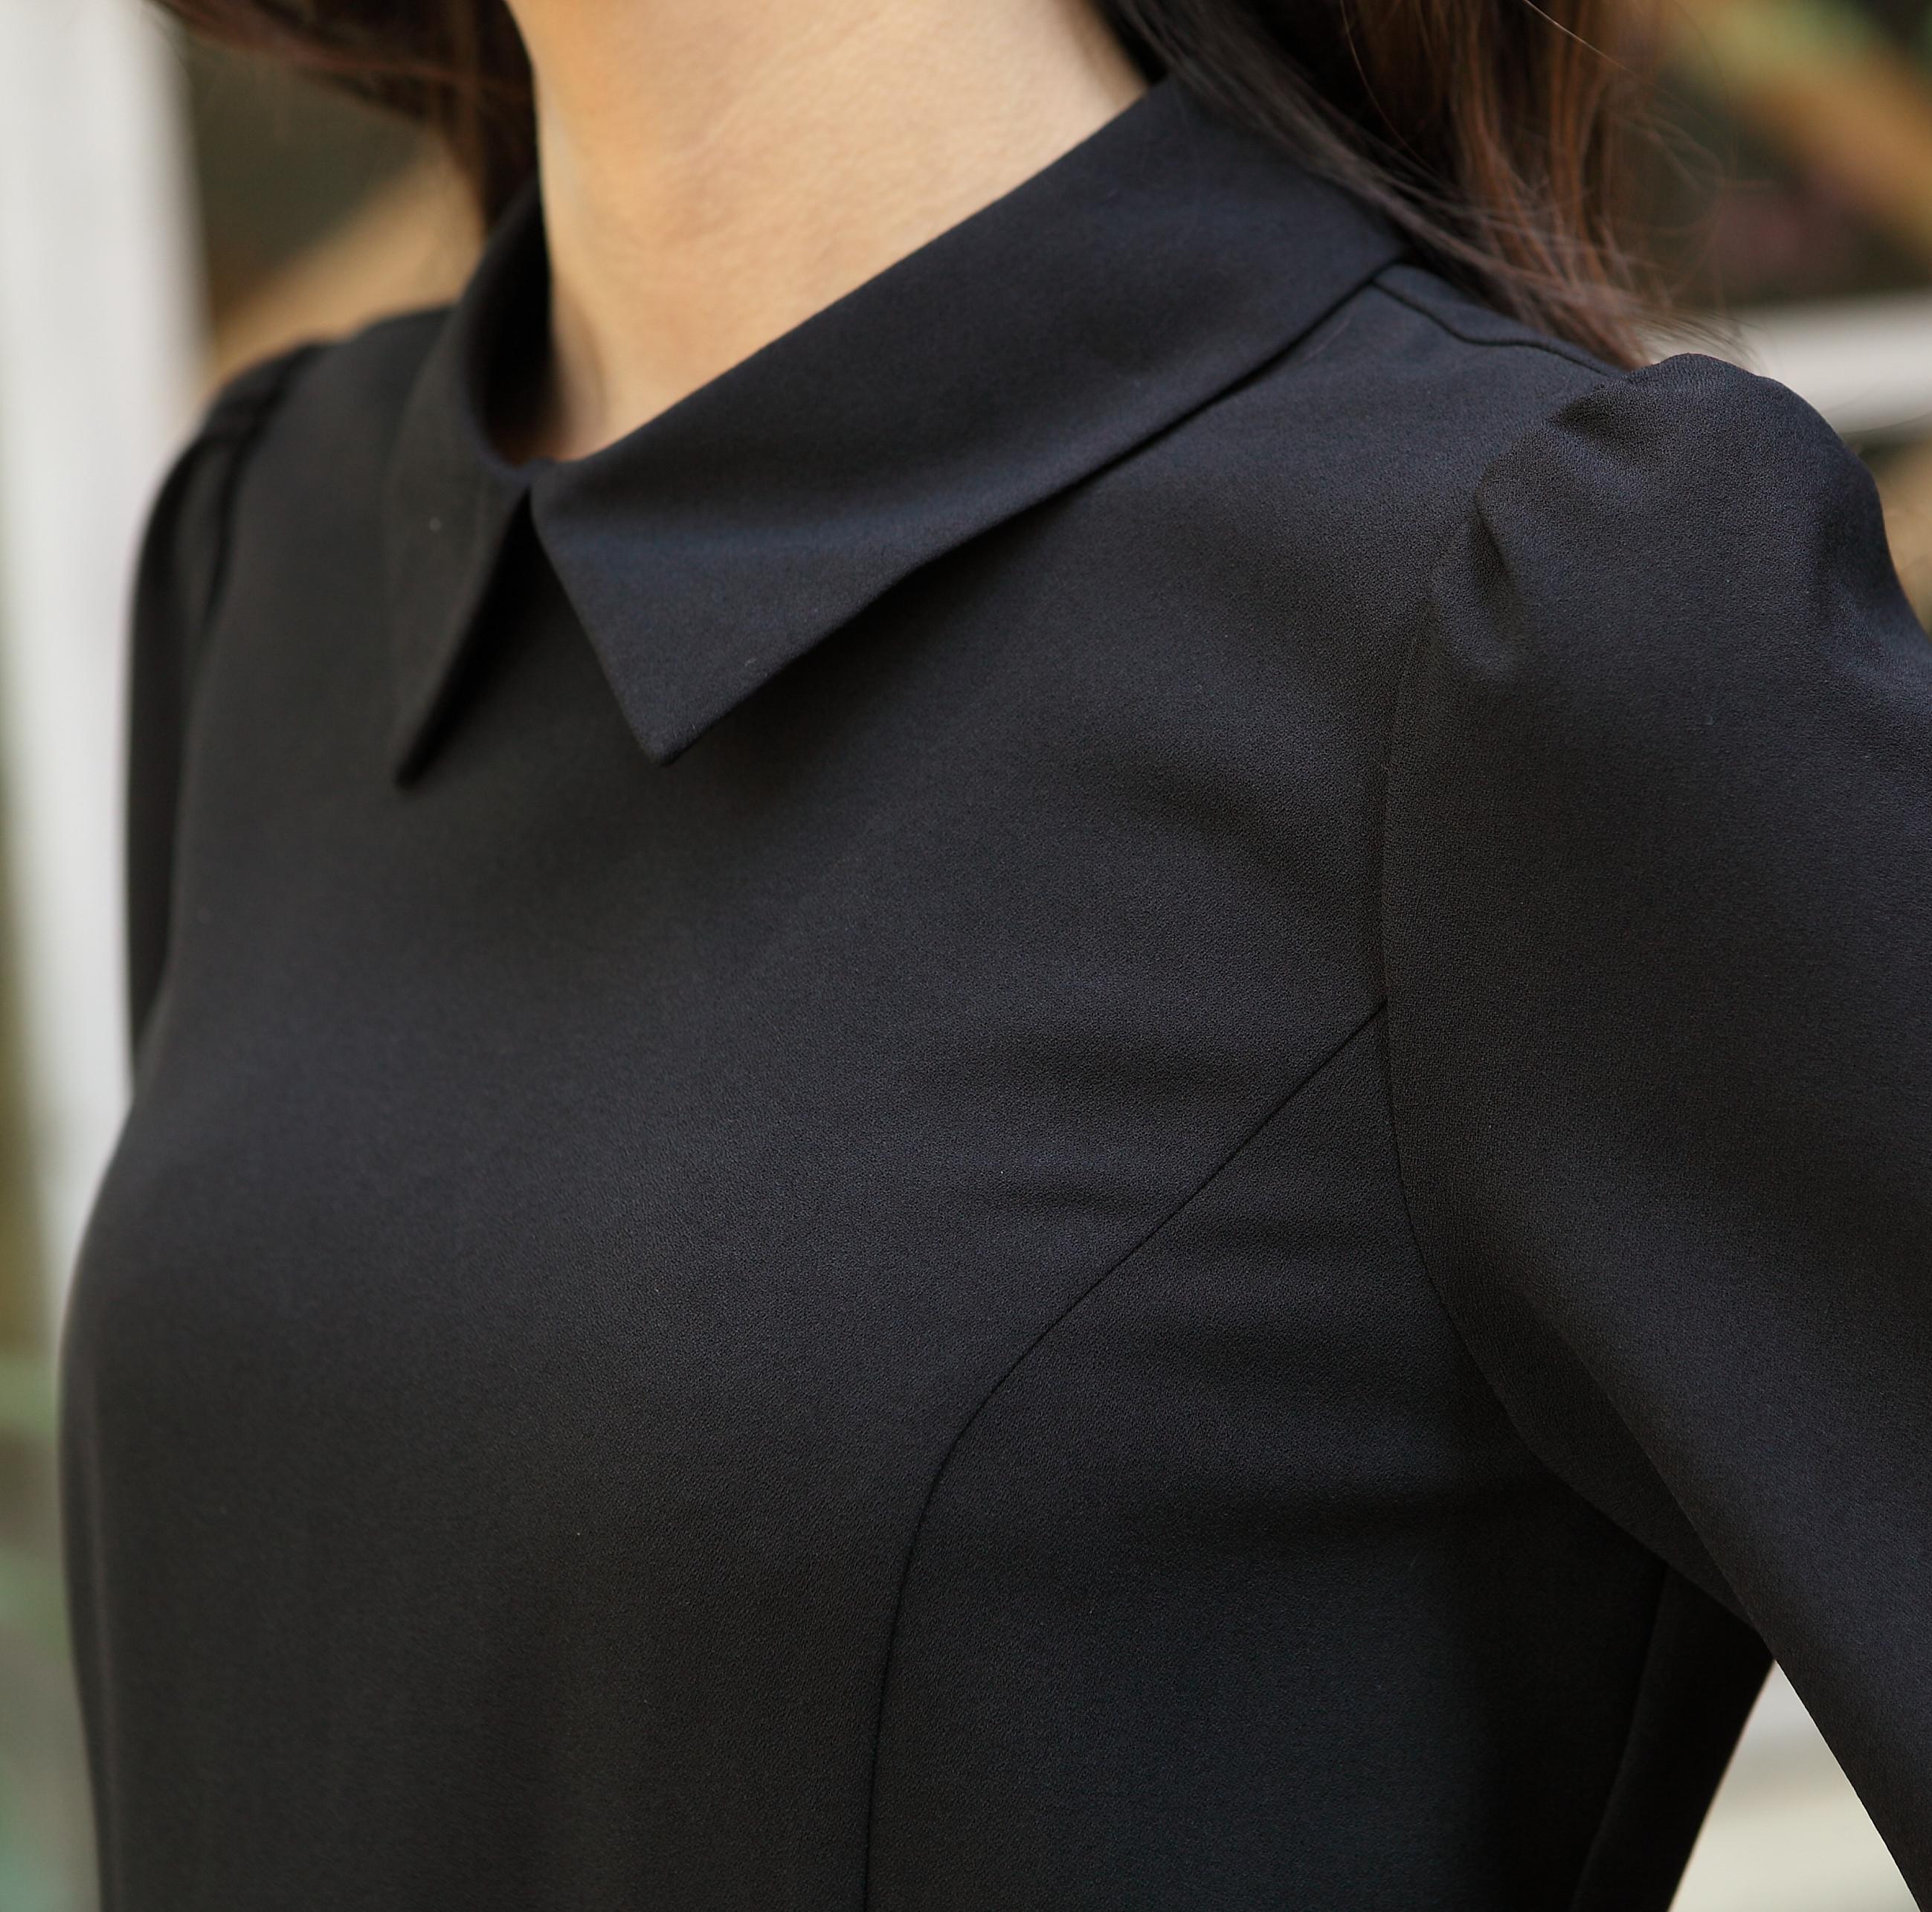 Одежда для отдыха 101/20998 2013 MG для девушки